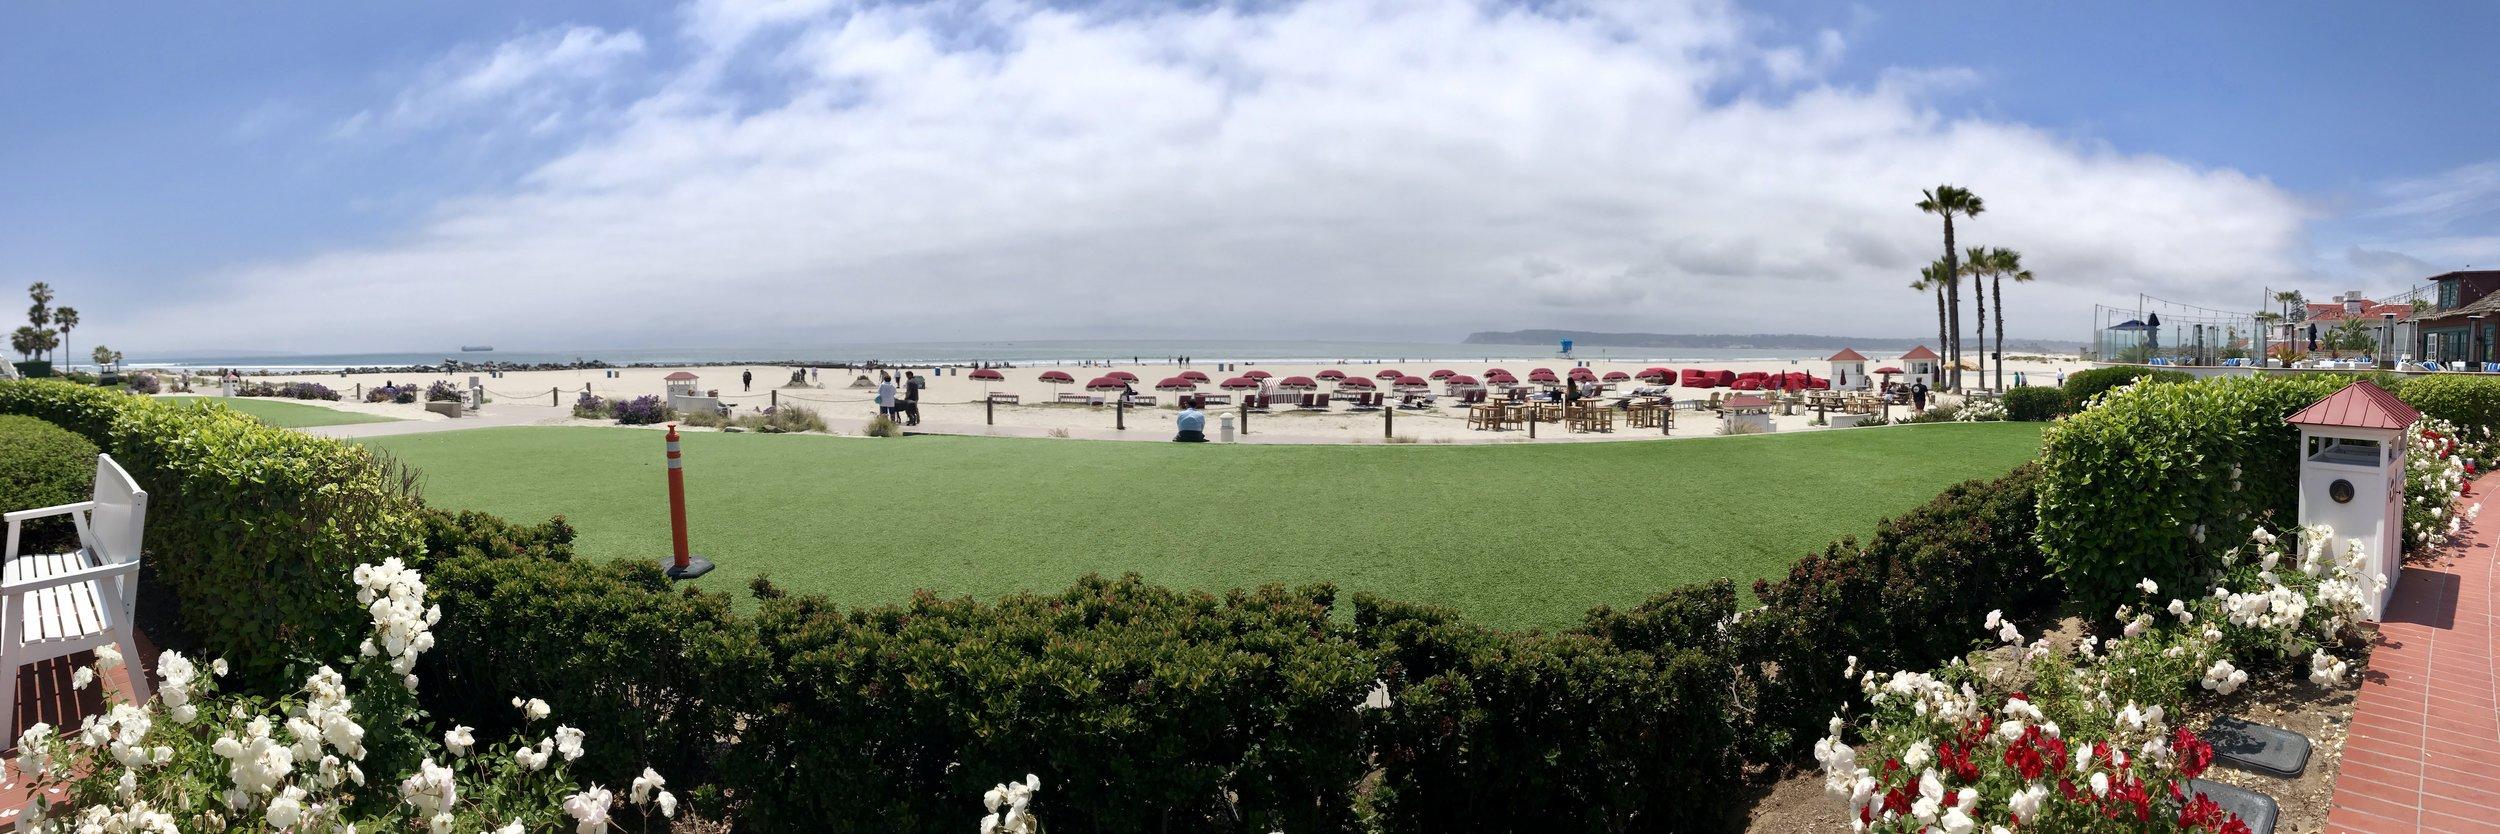 The beach at Hotel Del Coronado